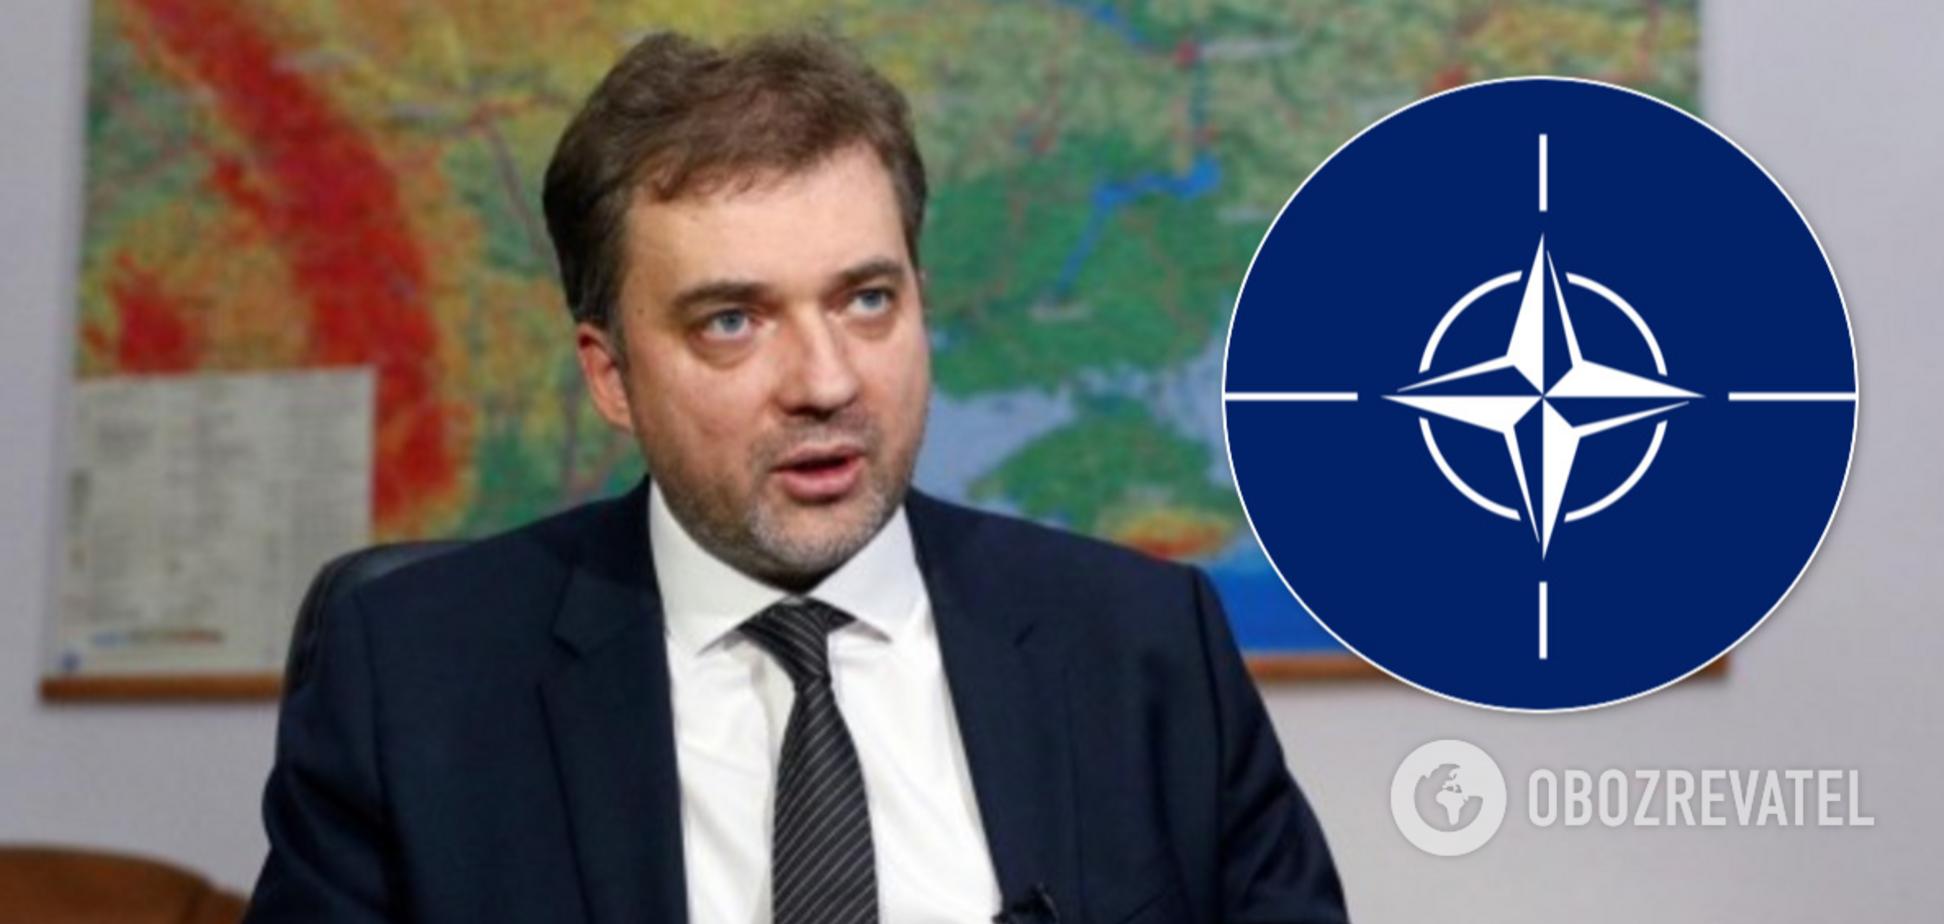 Загороднюк зробив заяву про потужну підтримку в НАТО